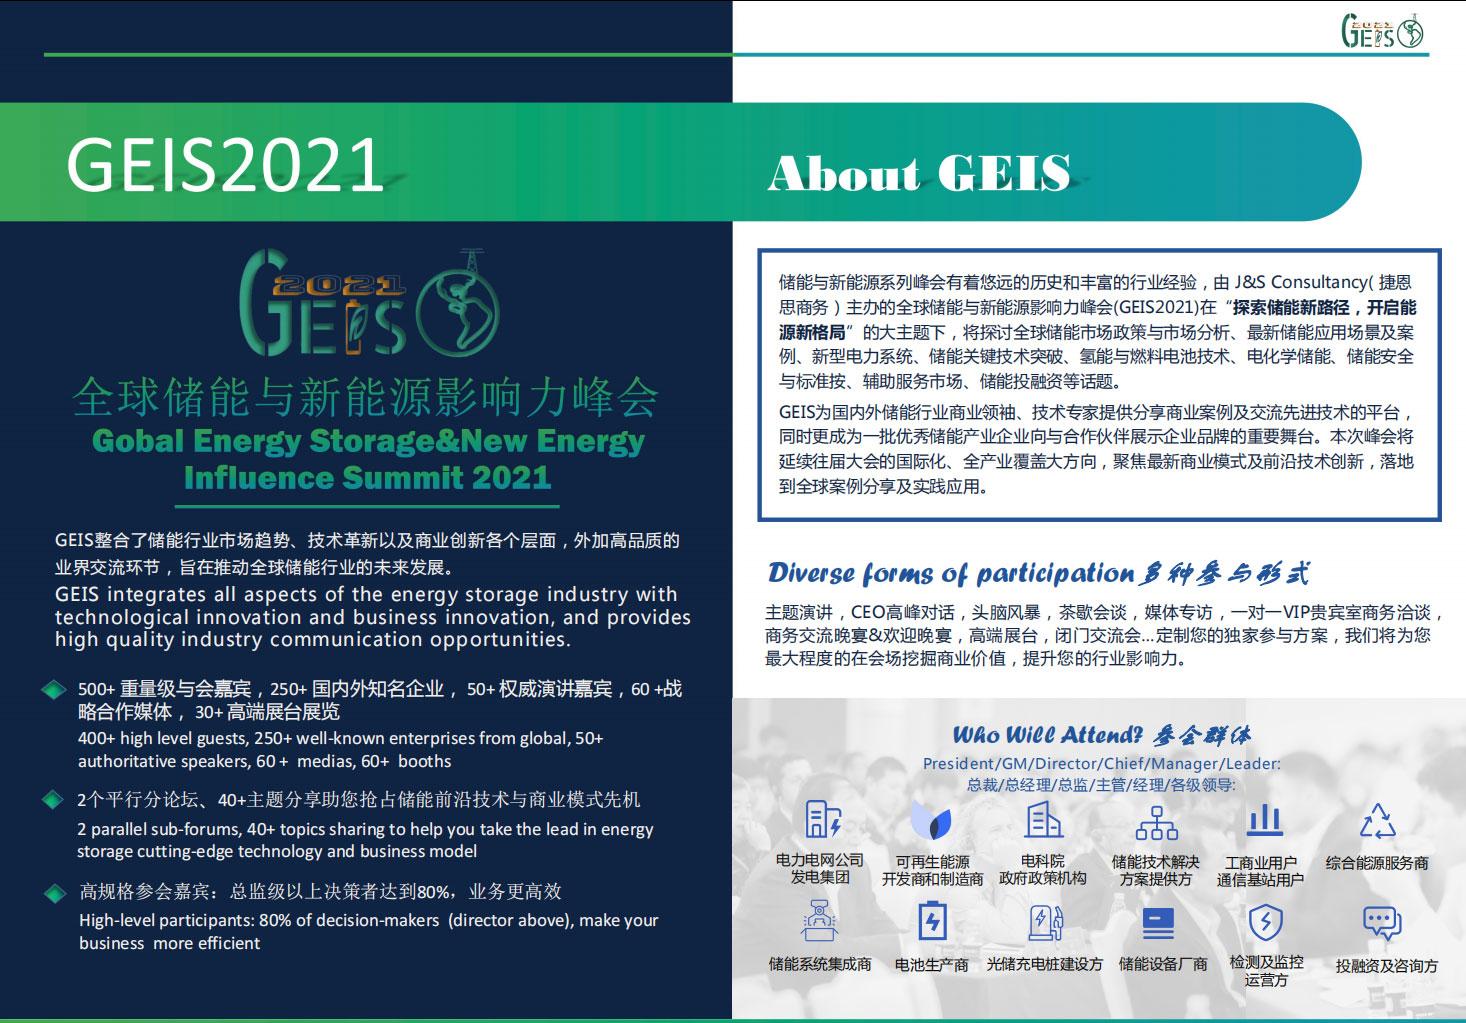 全球储能与新能源影响力峰会2021